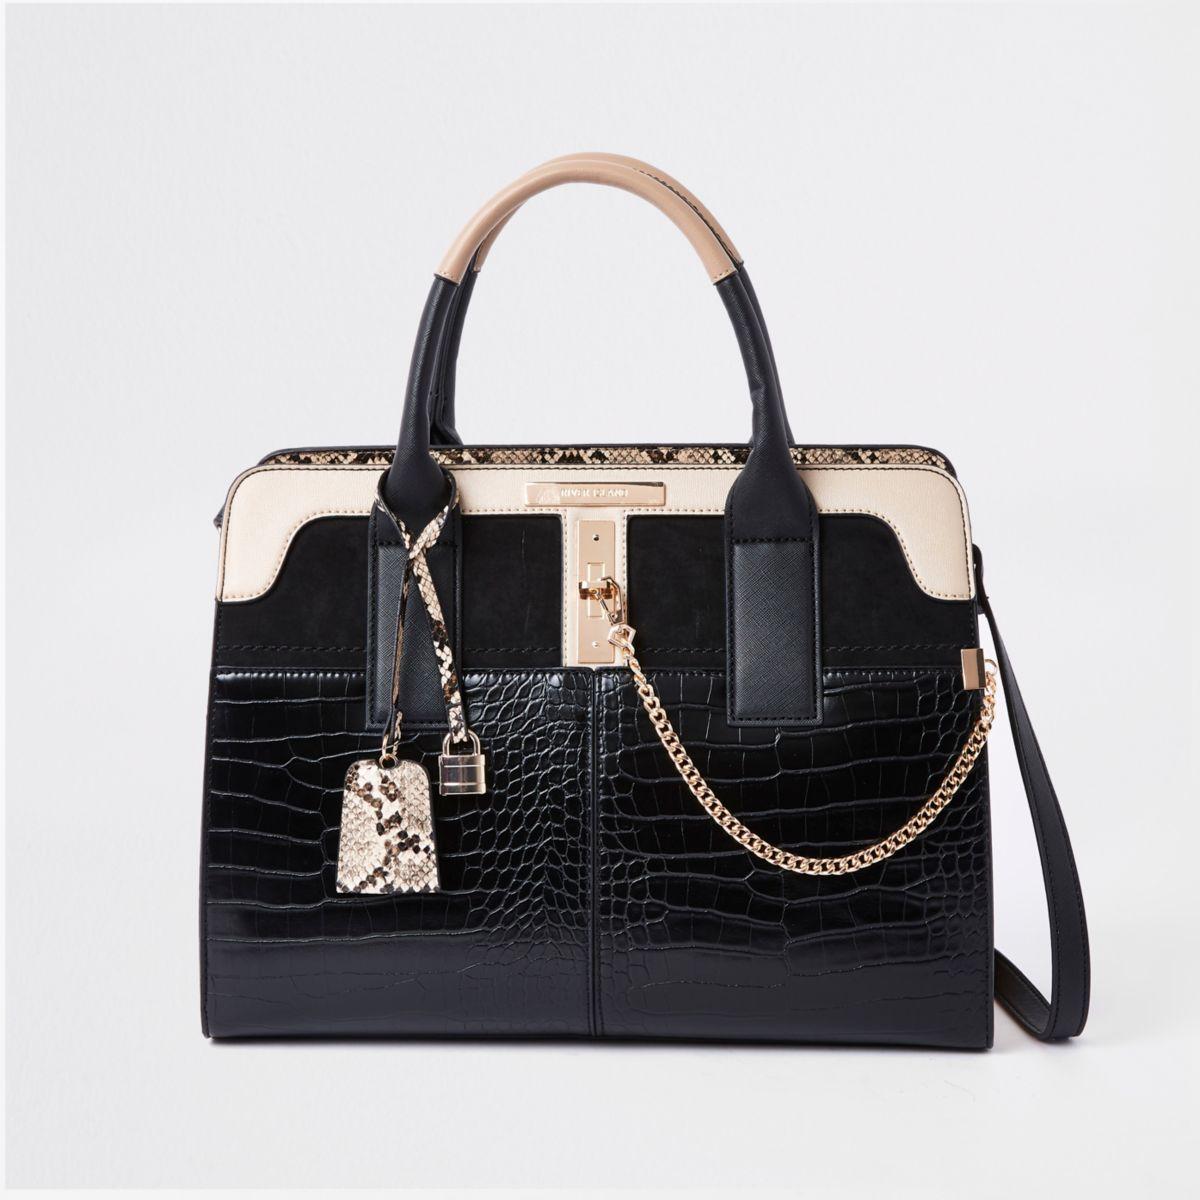 Zwarte handtas met krokodillenreliëf en slot voor